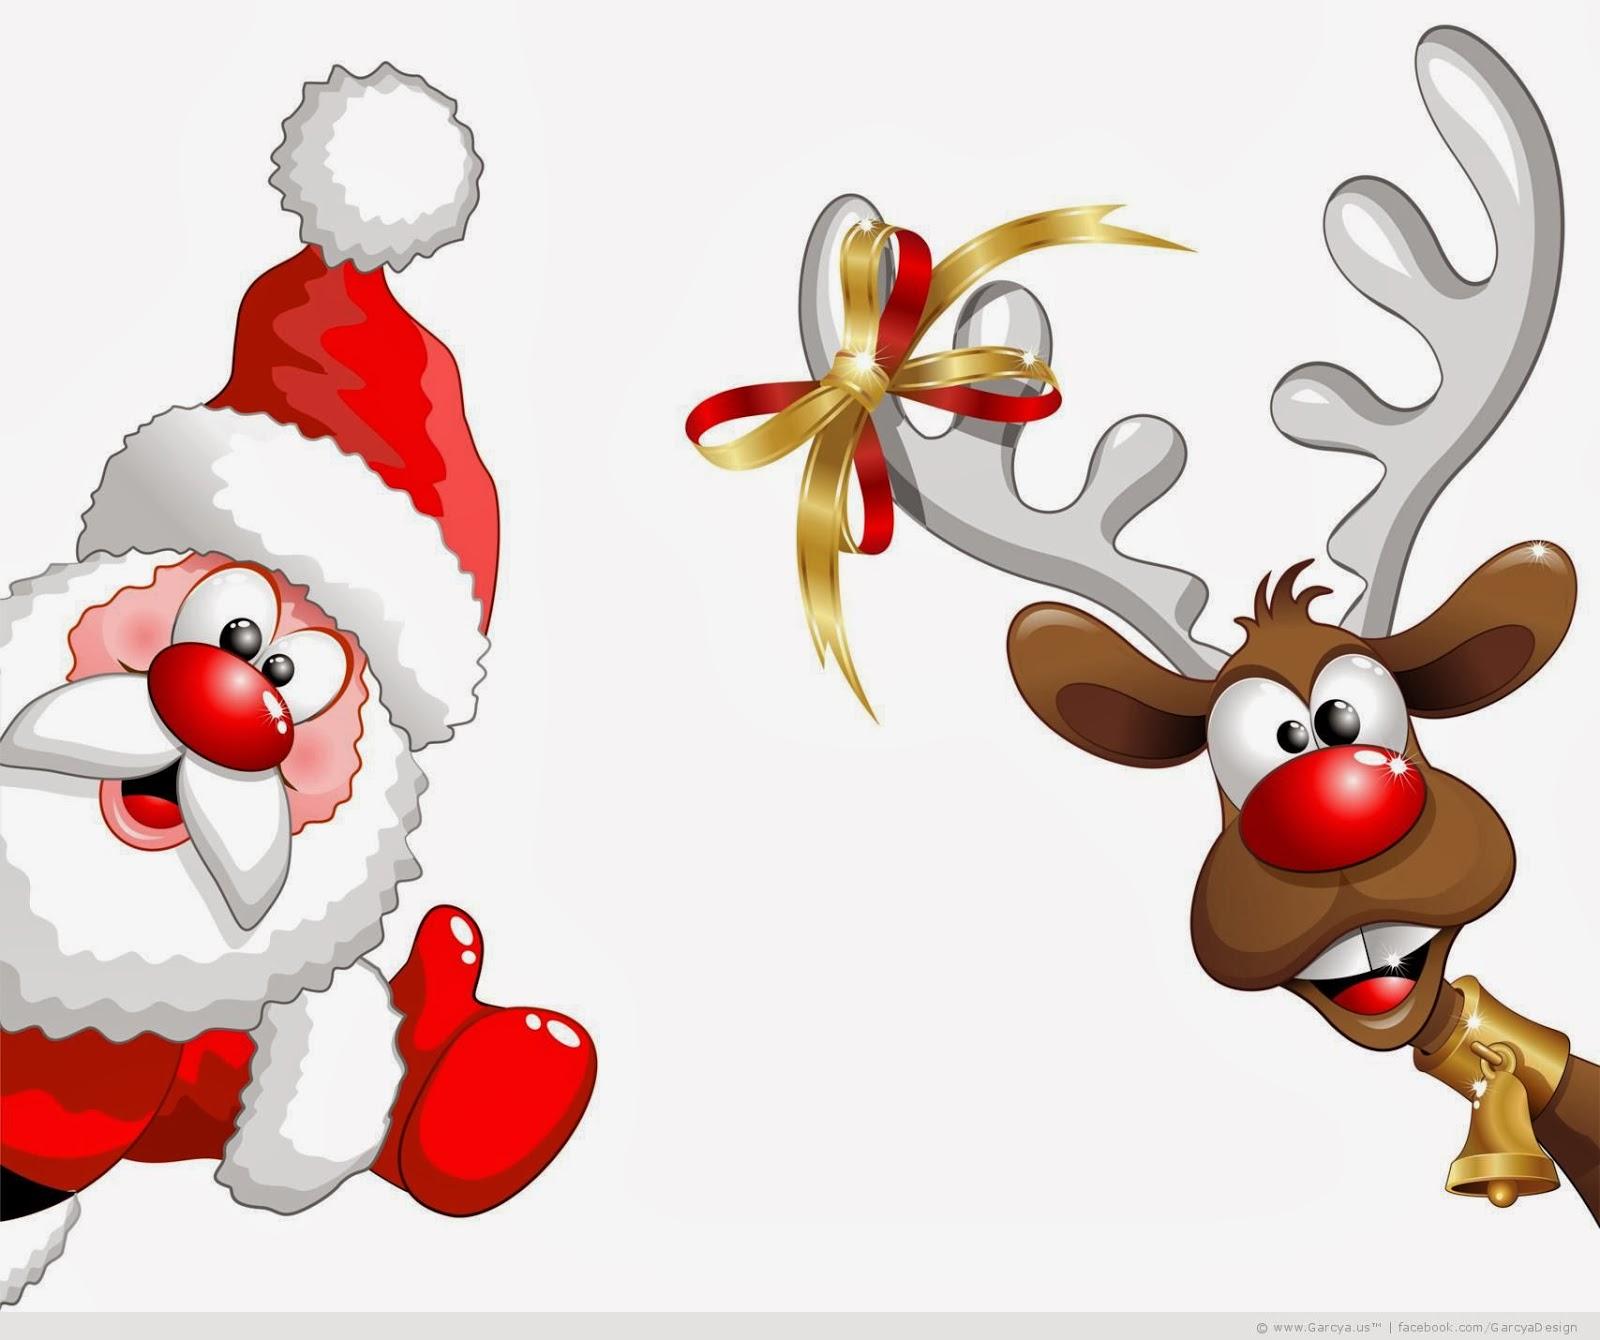 Free coloring pages karate - Banco De Imagenes Y Fotos Gratis Santa Claus Parte 4